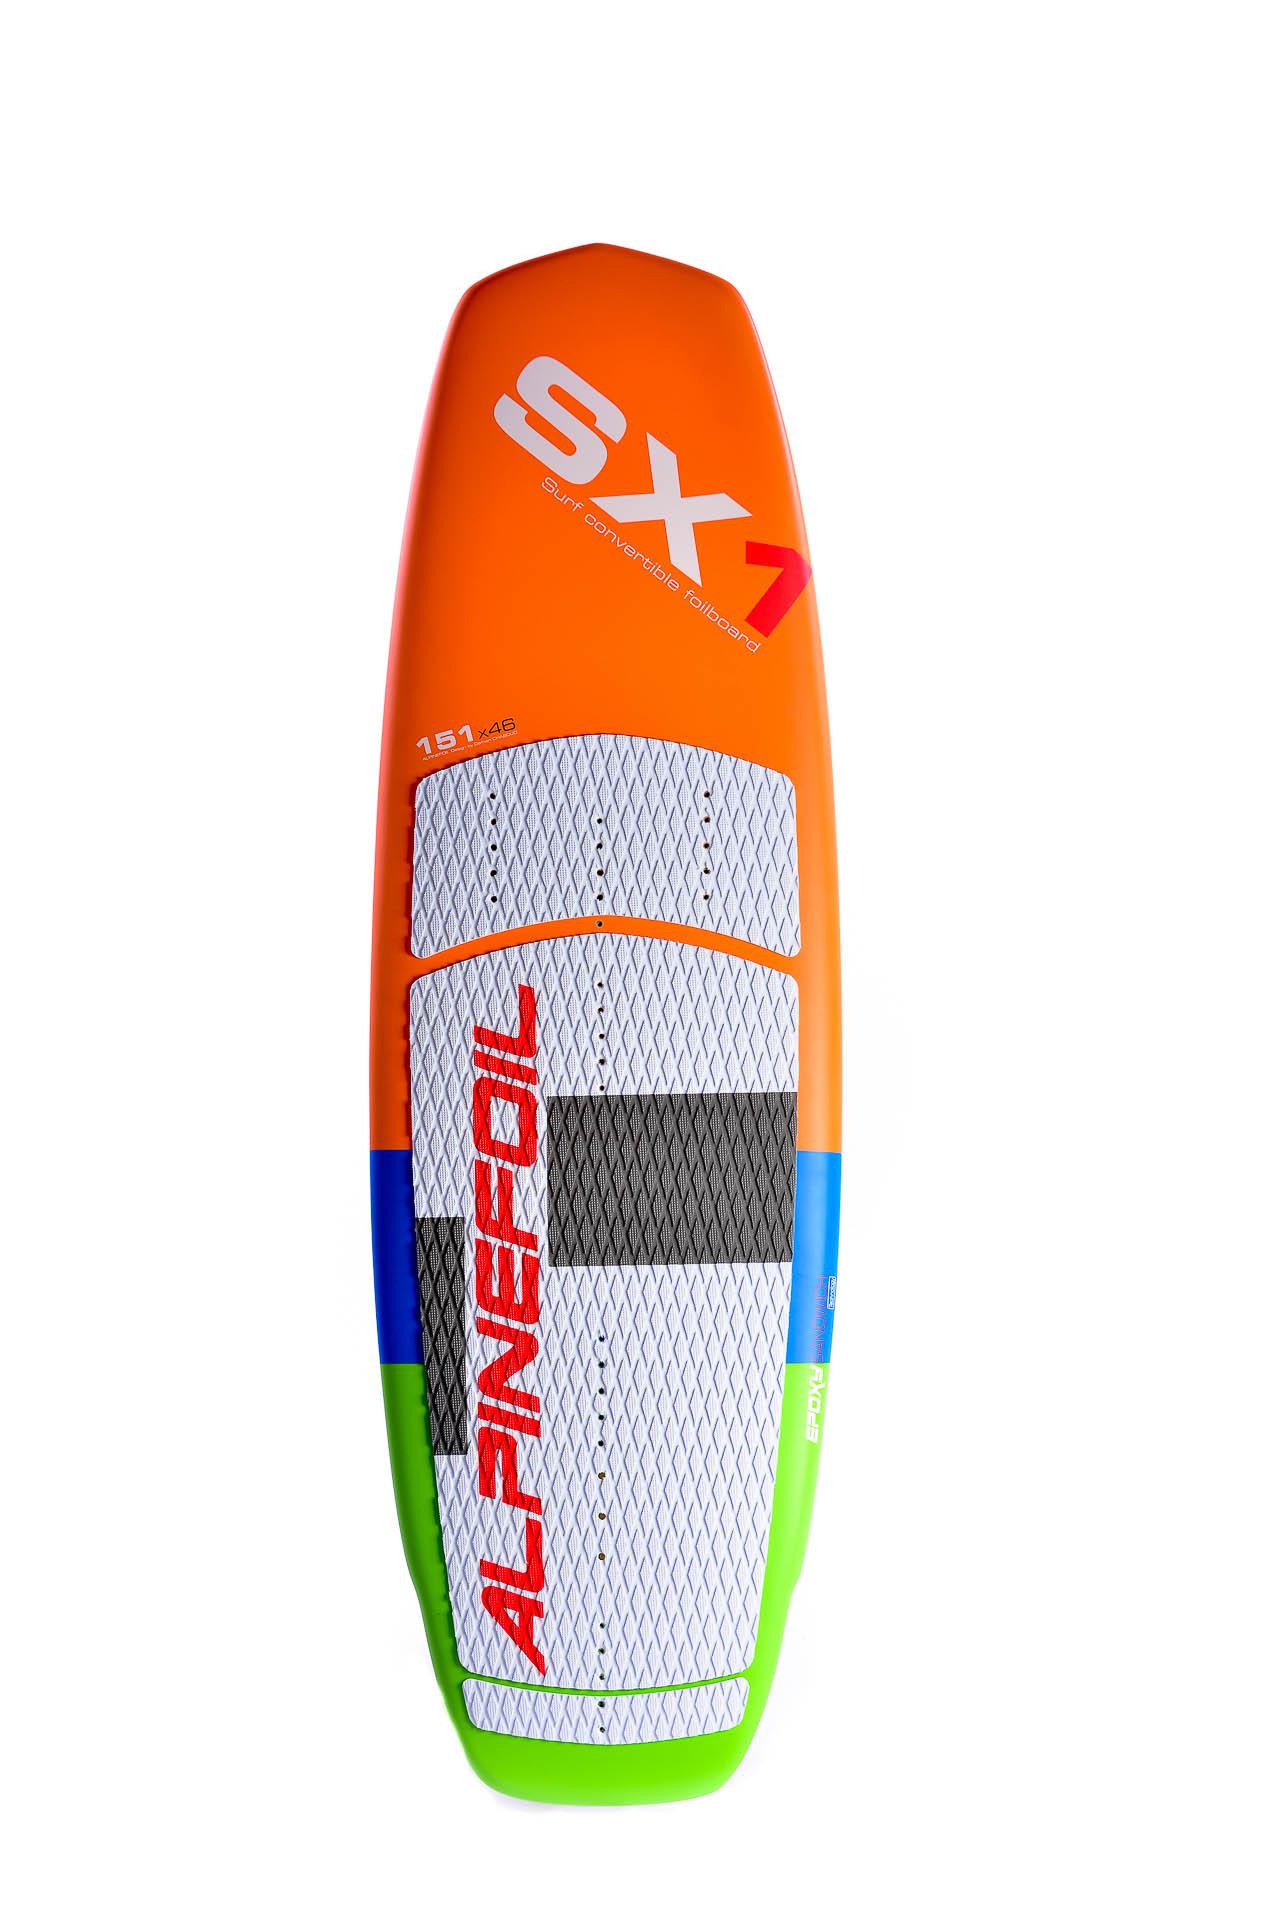 Kitefoil board alpinefoil 8911